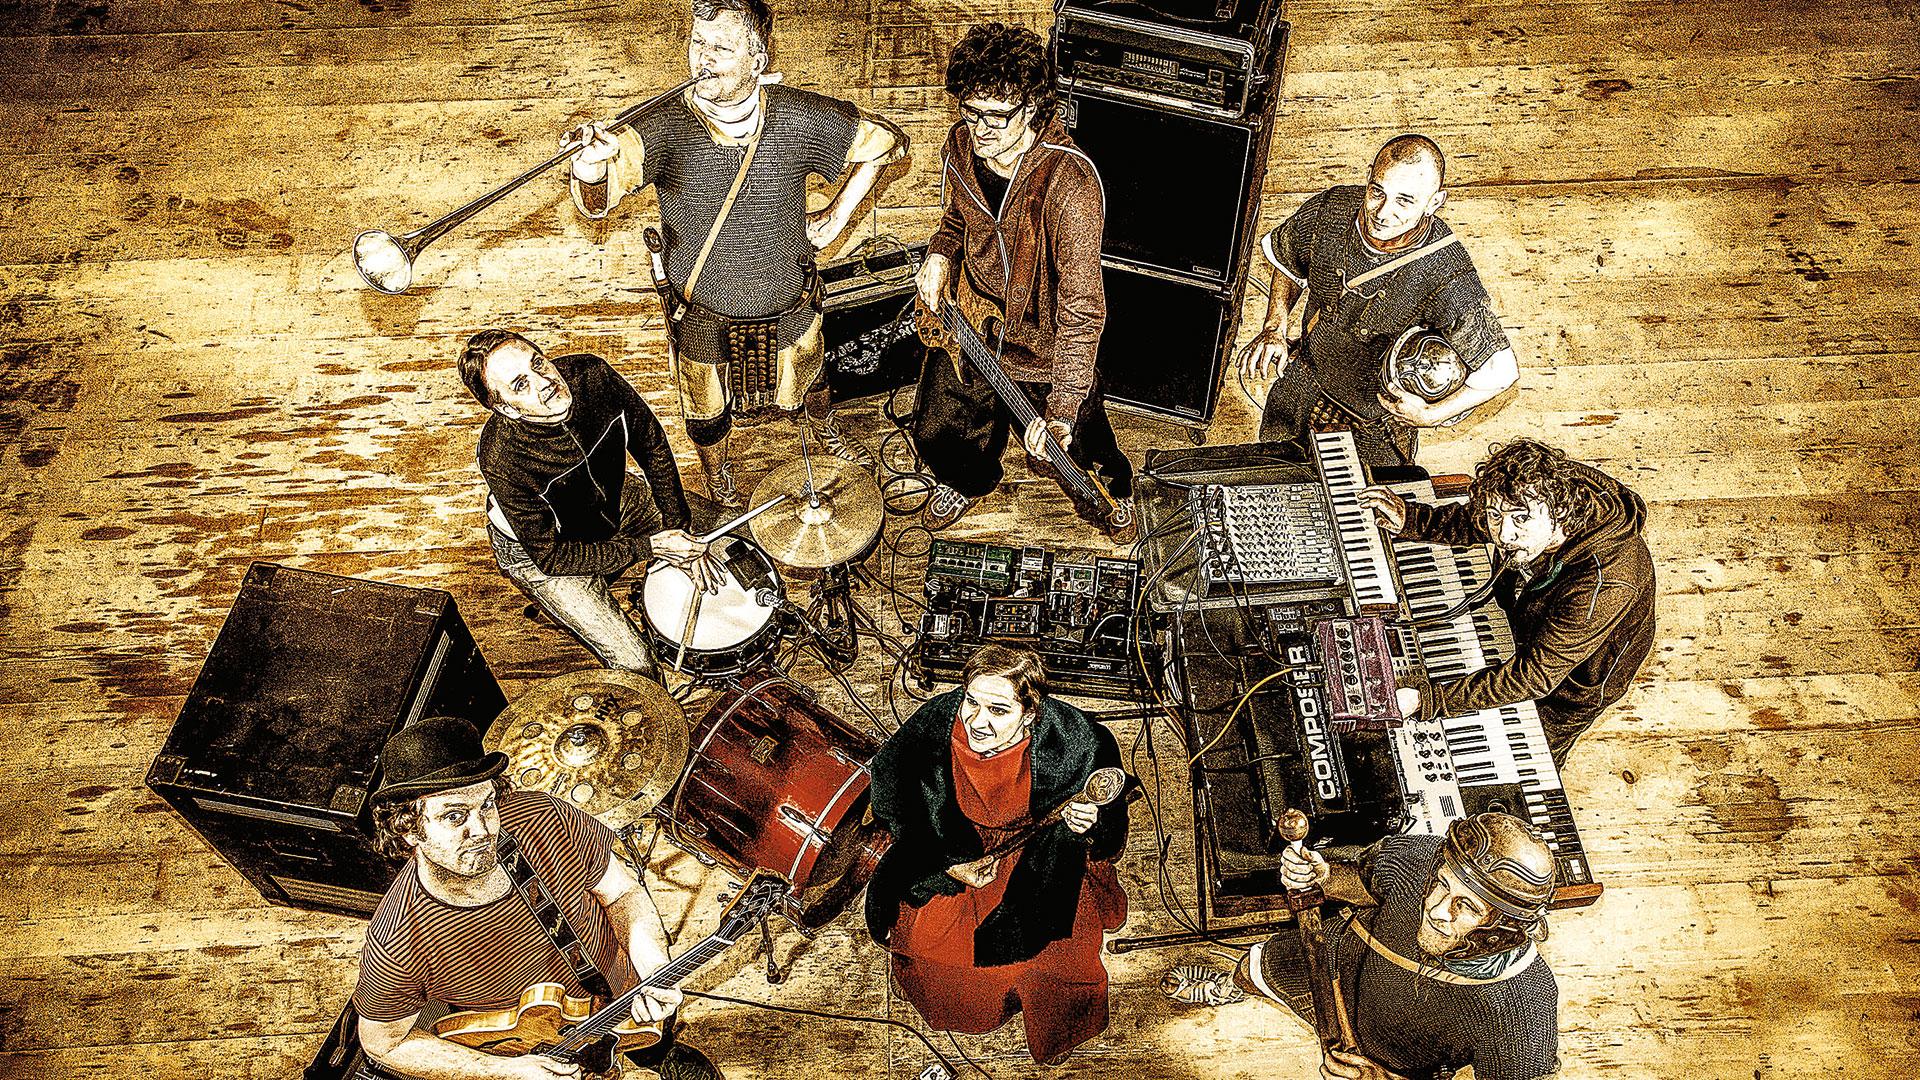 Römische gekleidete Männerund Frauen stehen inmitten einer Band inklusive Instrumenten.